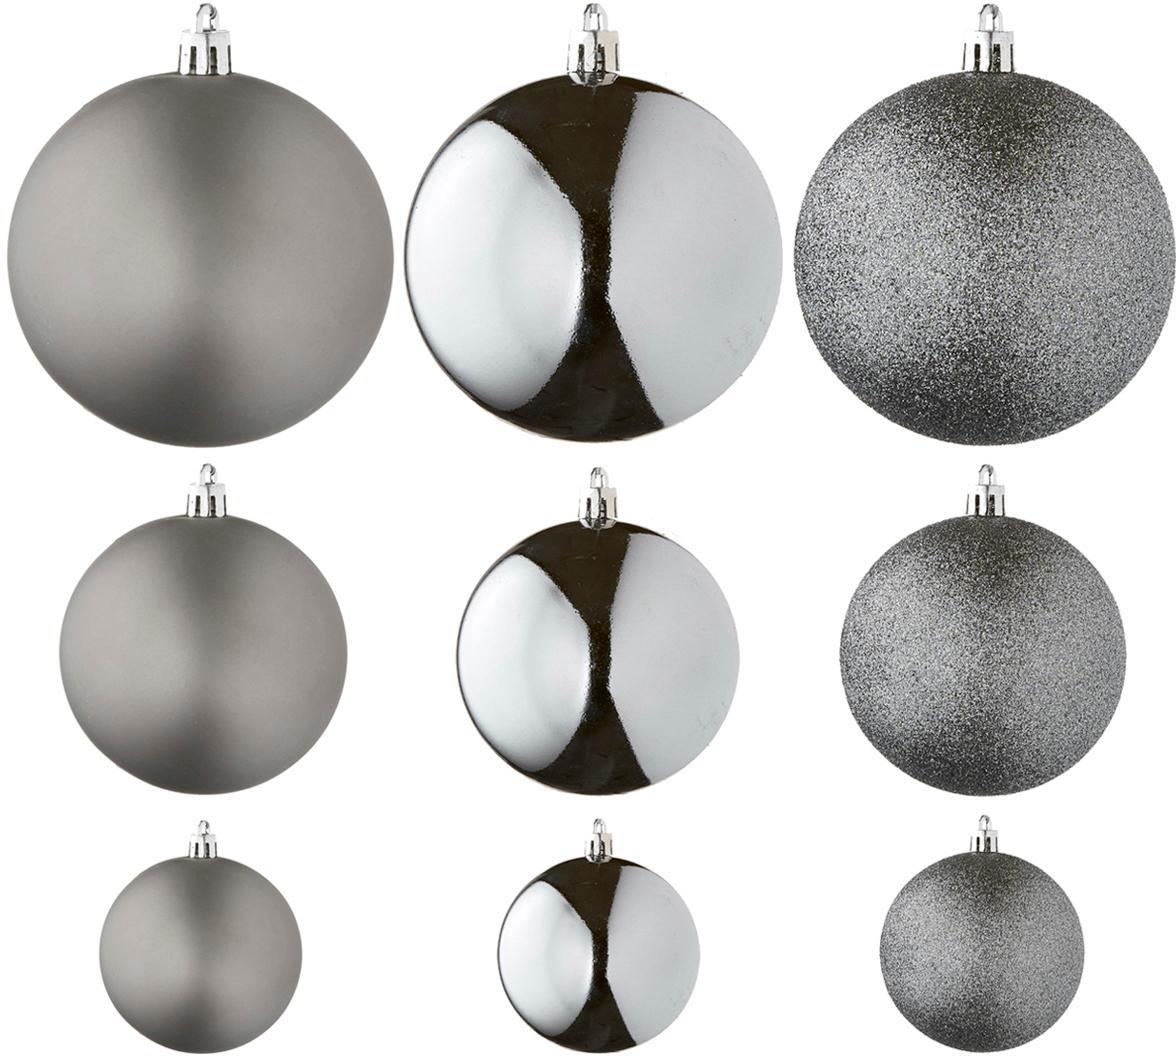 Set de bolas de Navidad Natalie, 46uds., Plástico, Plateado, Set de diferentes tamaños